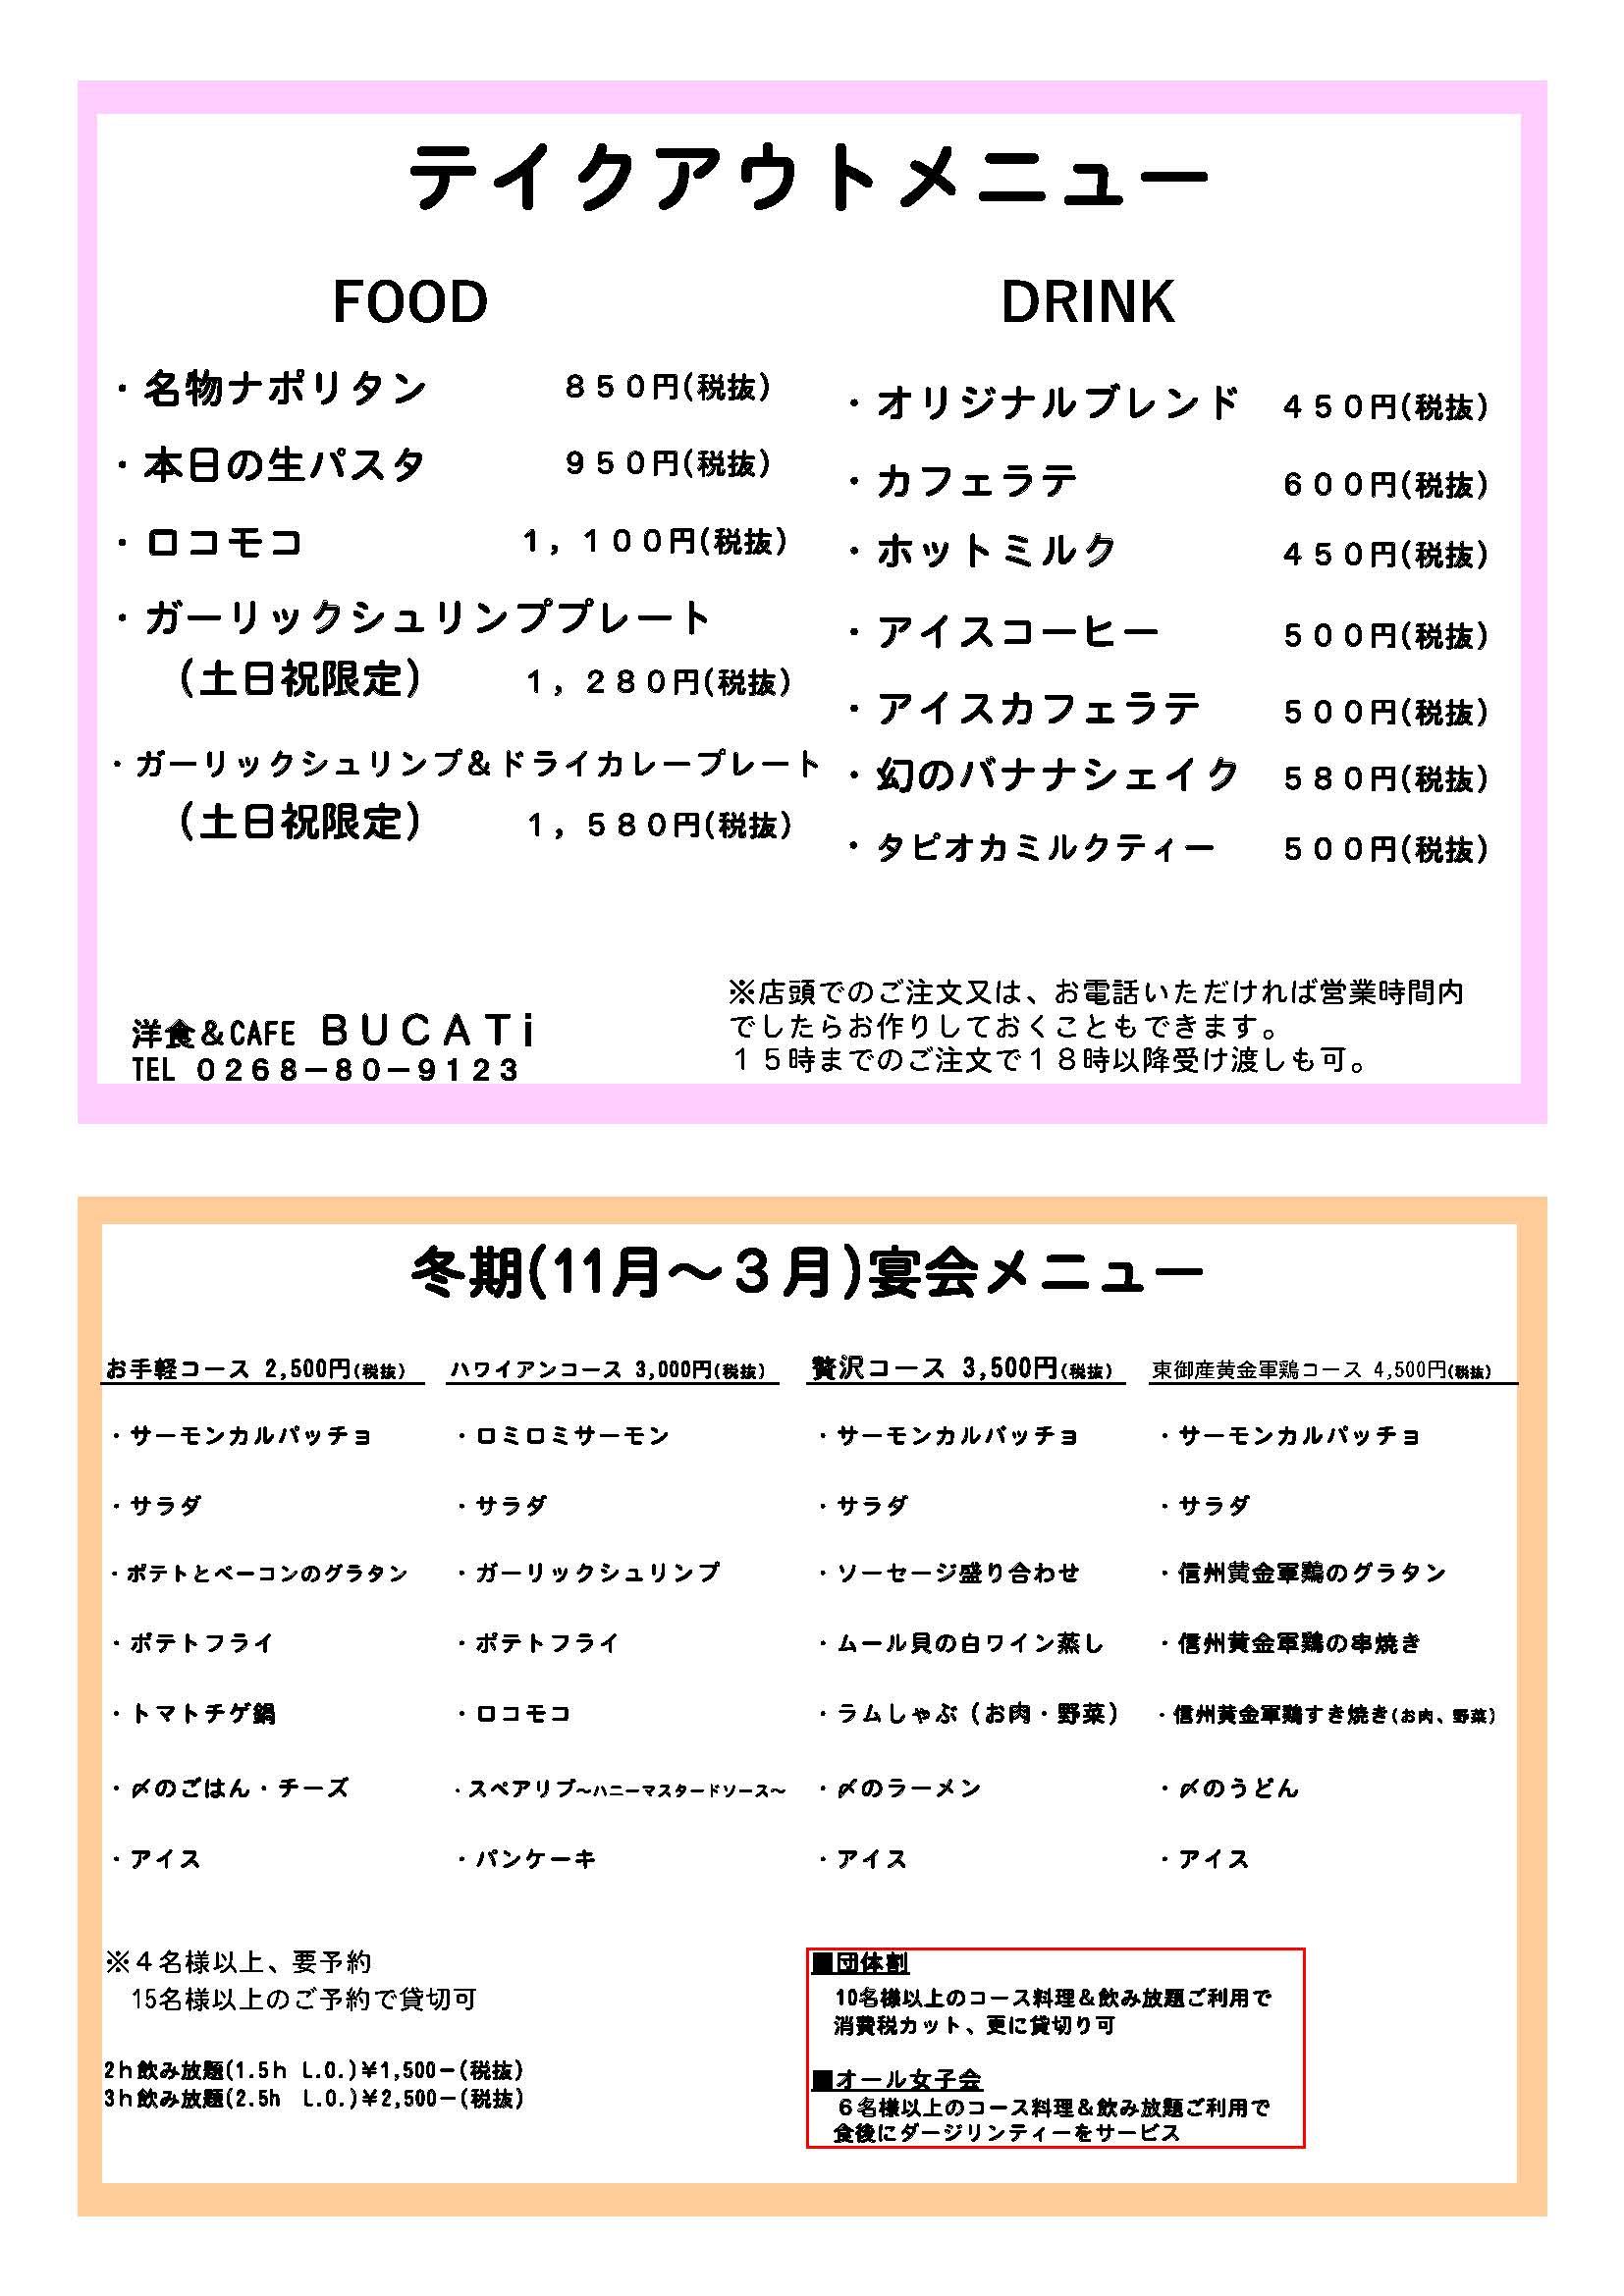 チラシ用(テイクアウト&コースメニュー)